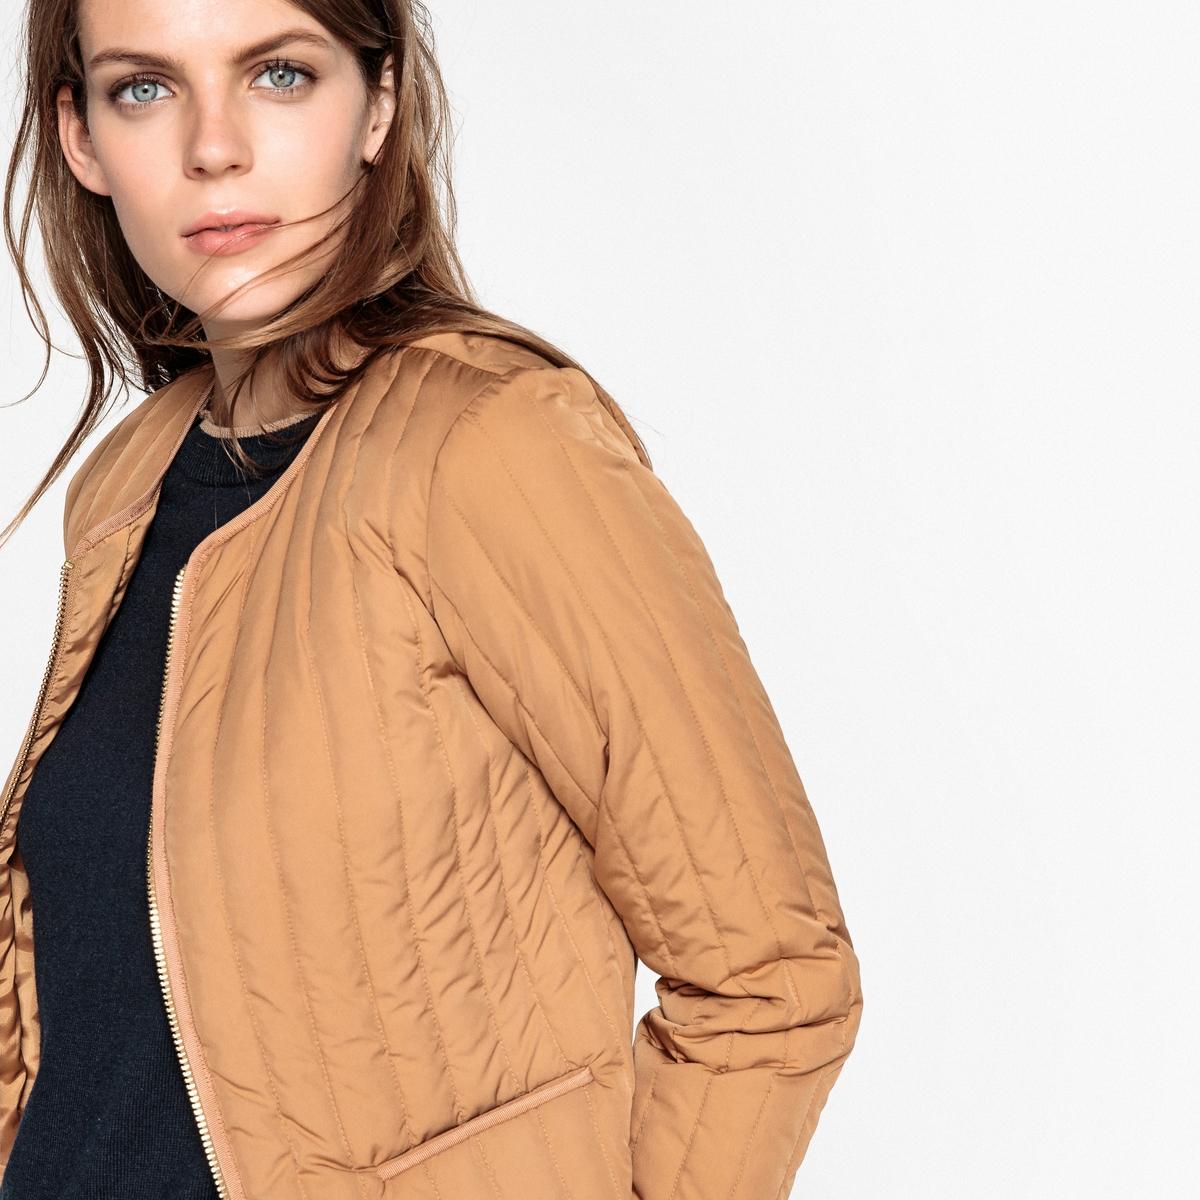 Куртка стеганая, укороченная демисезонная модель из синтетического материалаДетали  •  Длина : укороченная модель •  Круглый вырез •  Застежка на молниюСостав и уход •  28% полиамида, 72% полиэстера •  Наполнитель: 90% пуха, 10% пера •  Стирать при 30° на деликатном режиме  •  Деликатная сухая чистка / отбеливание запрещено •  Машинная сушка запрещена  •  Не гладить<br><br>Цвет: темно-бежевый,черный